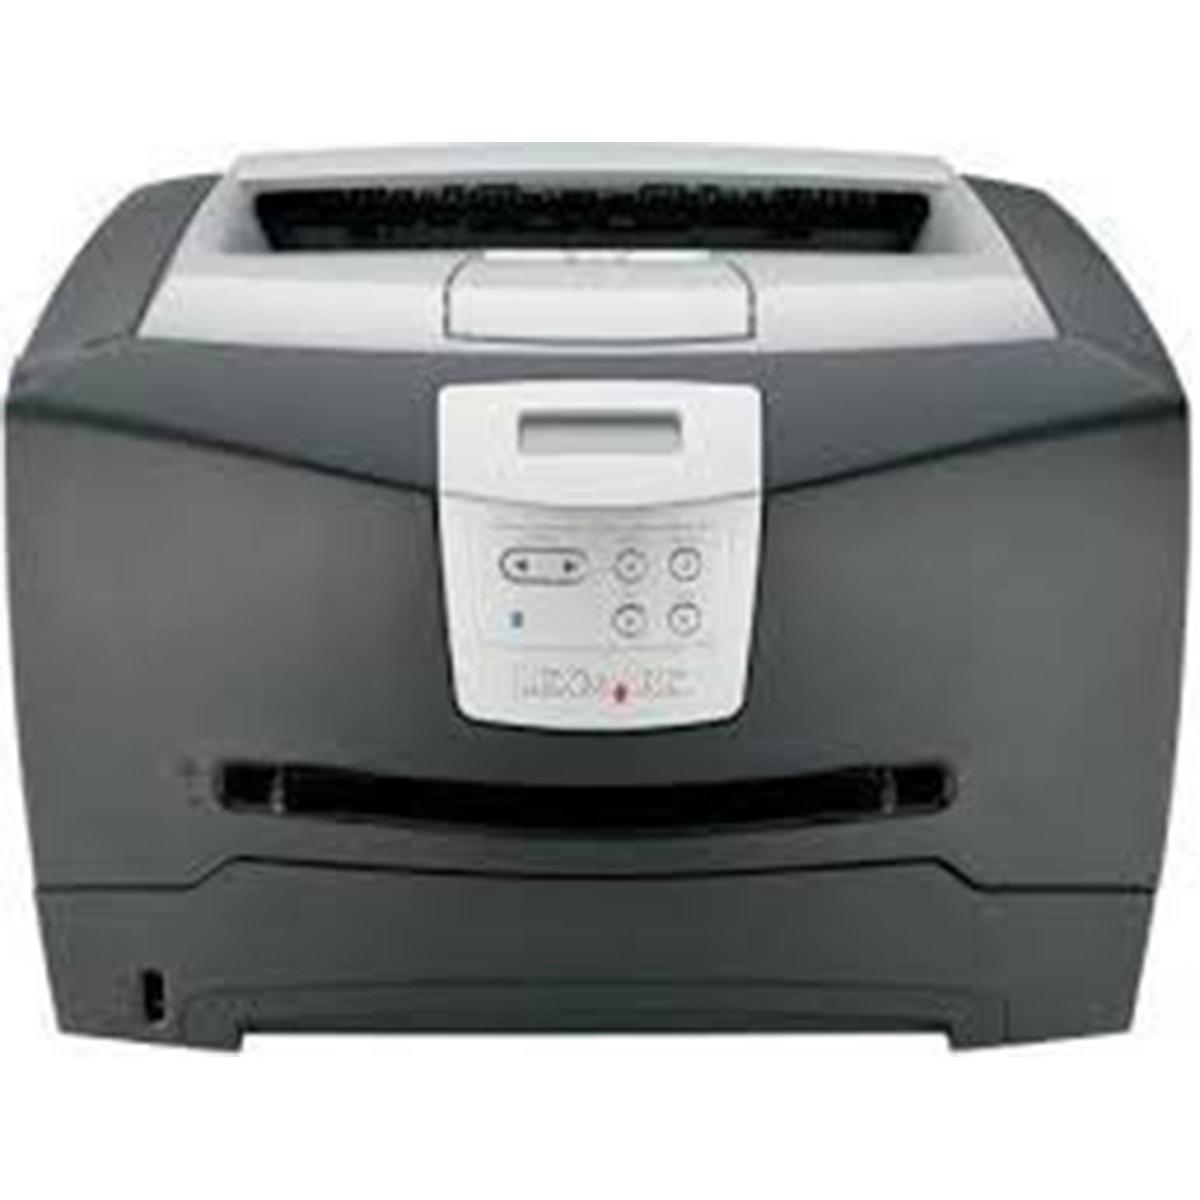 Impressora Laser Monocromática Lexmark E342 SEM Toner - Seminova